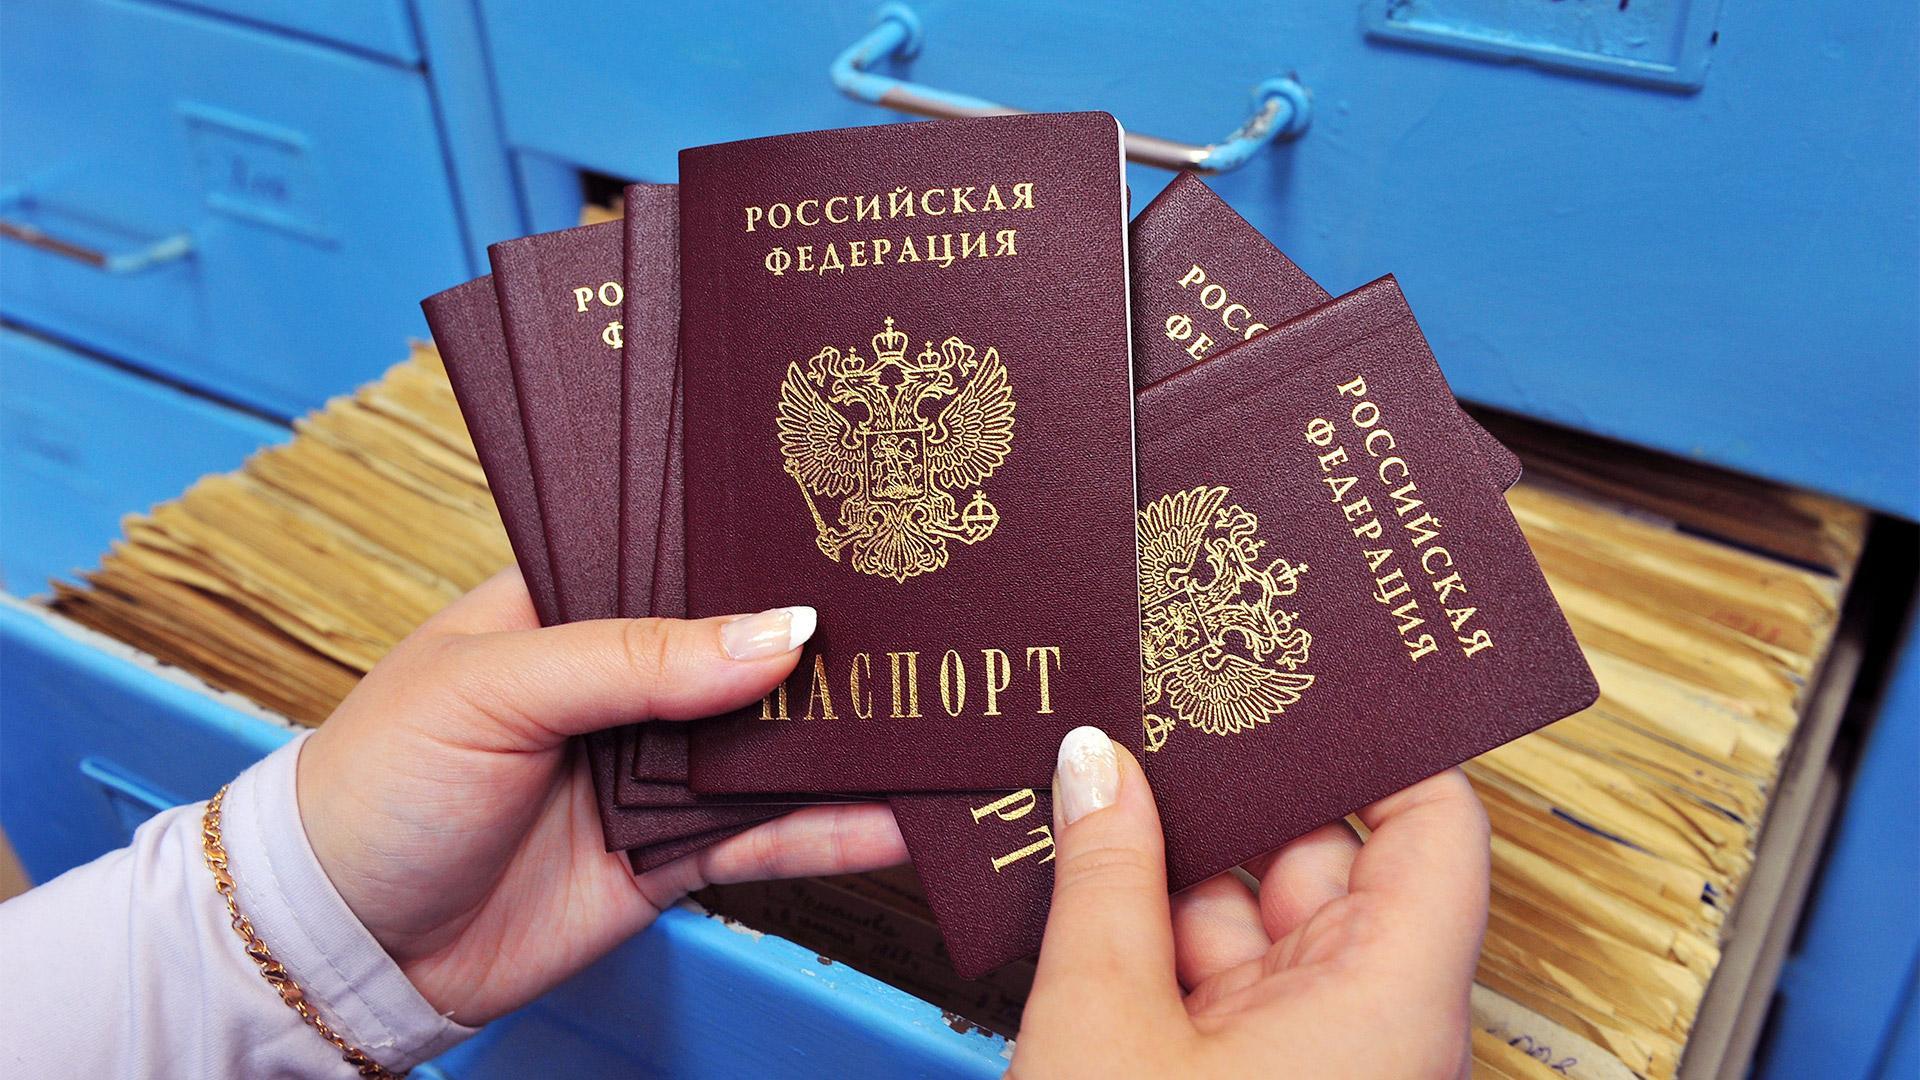 Гражданство РФ для жителей Донбасса: как жителю Донбасса получить российское гражданство